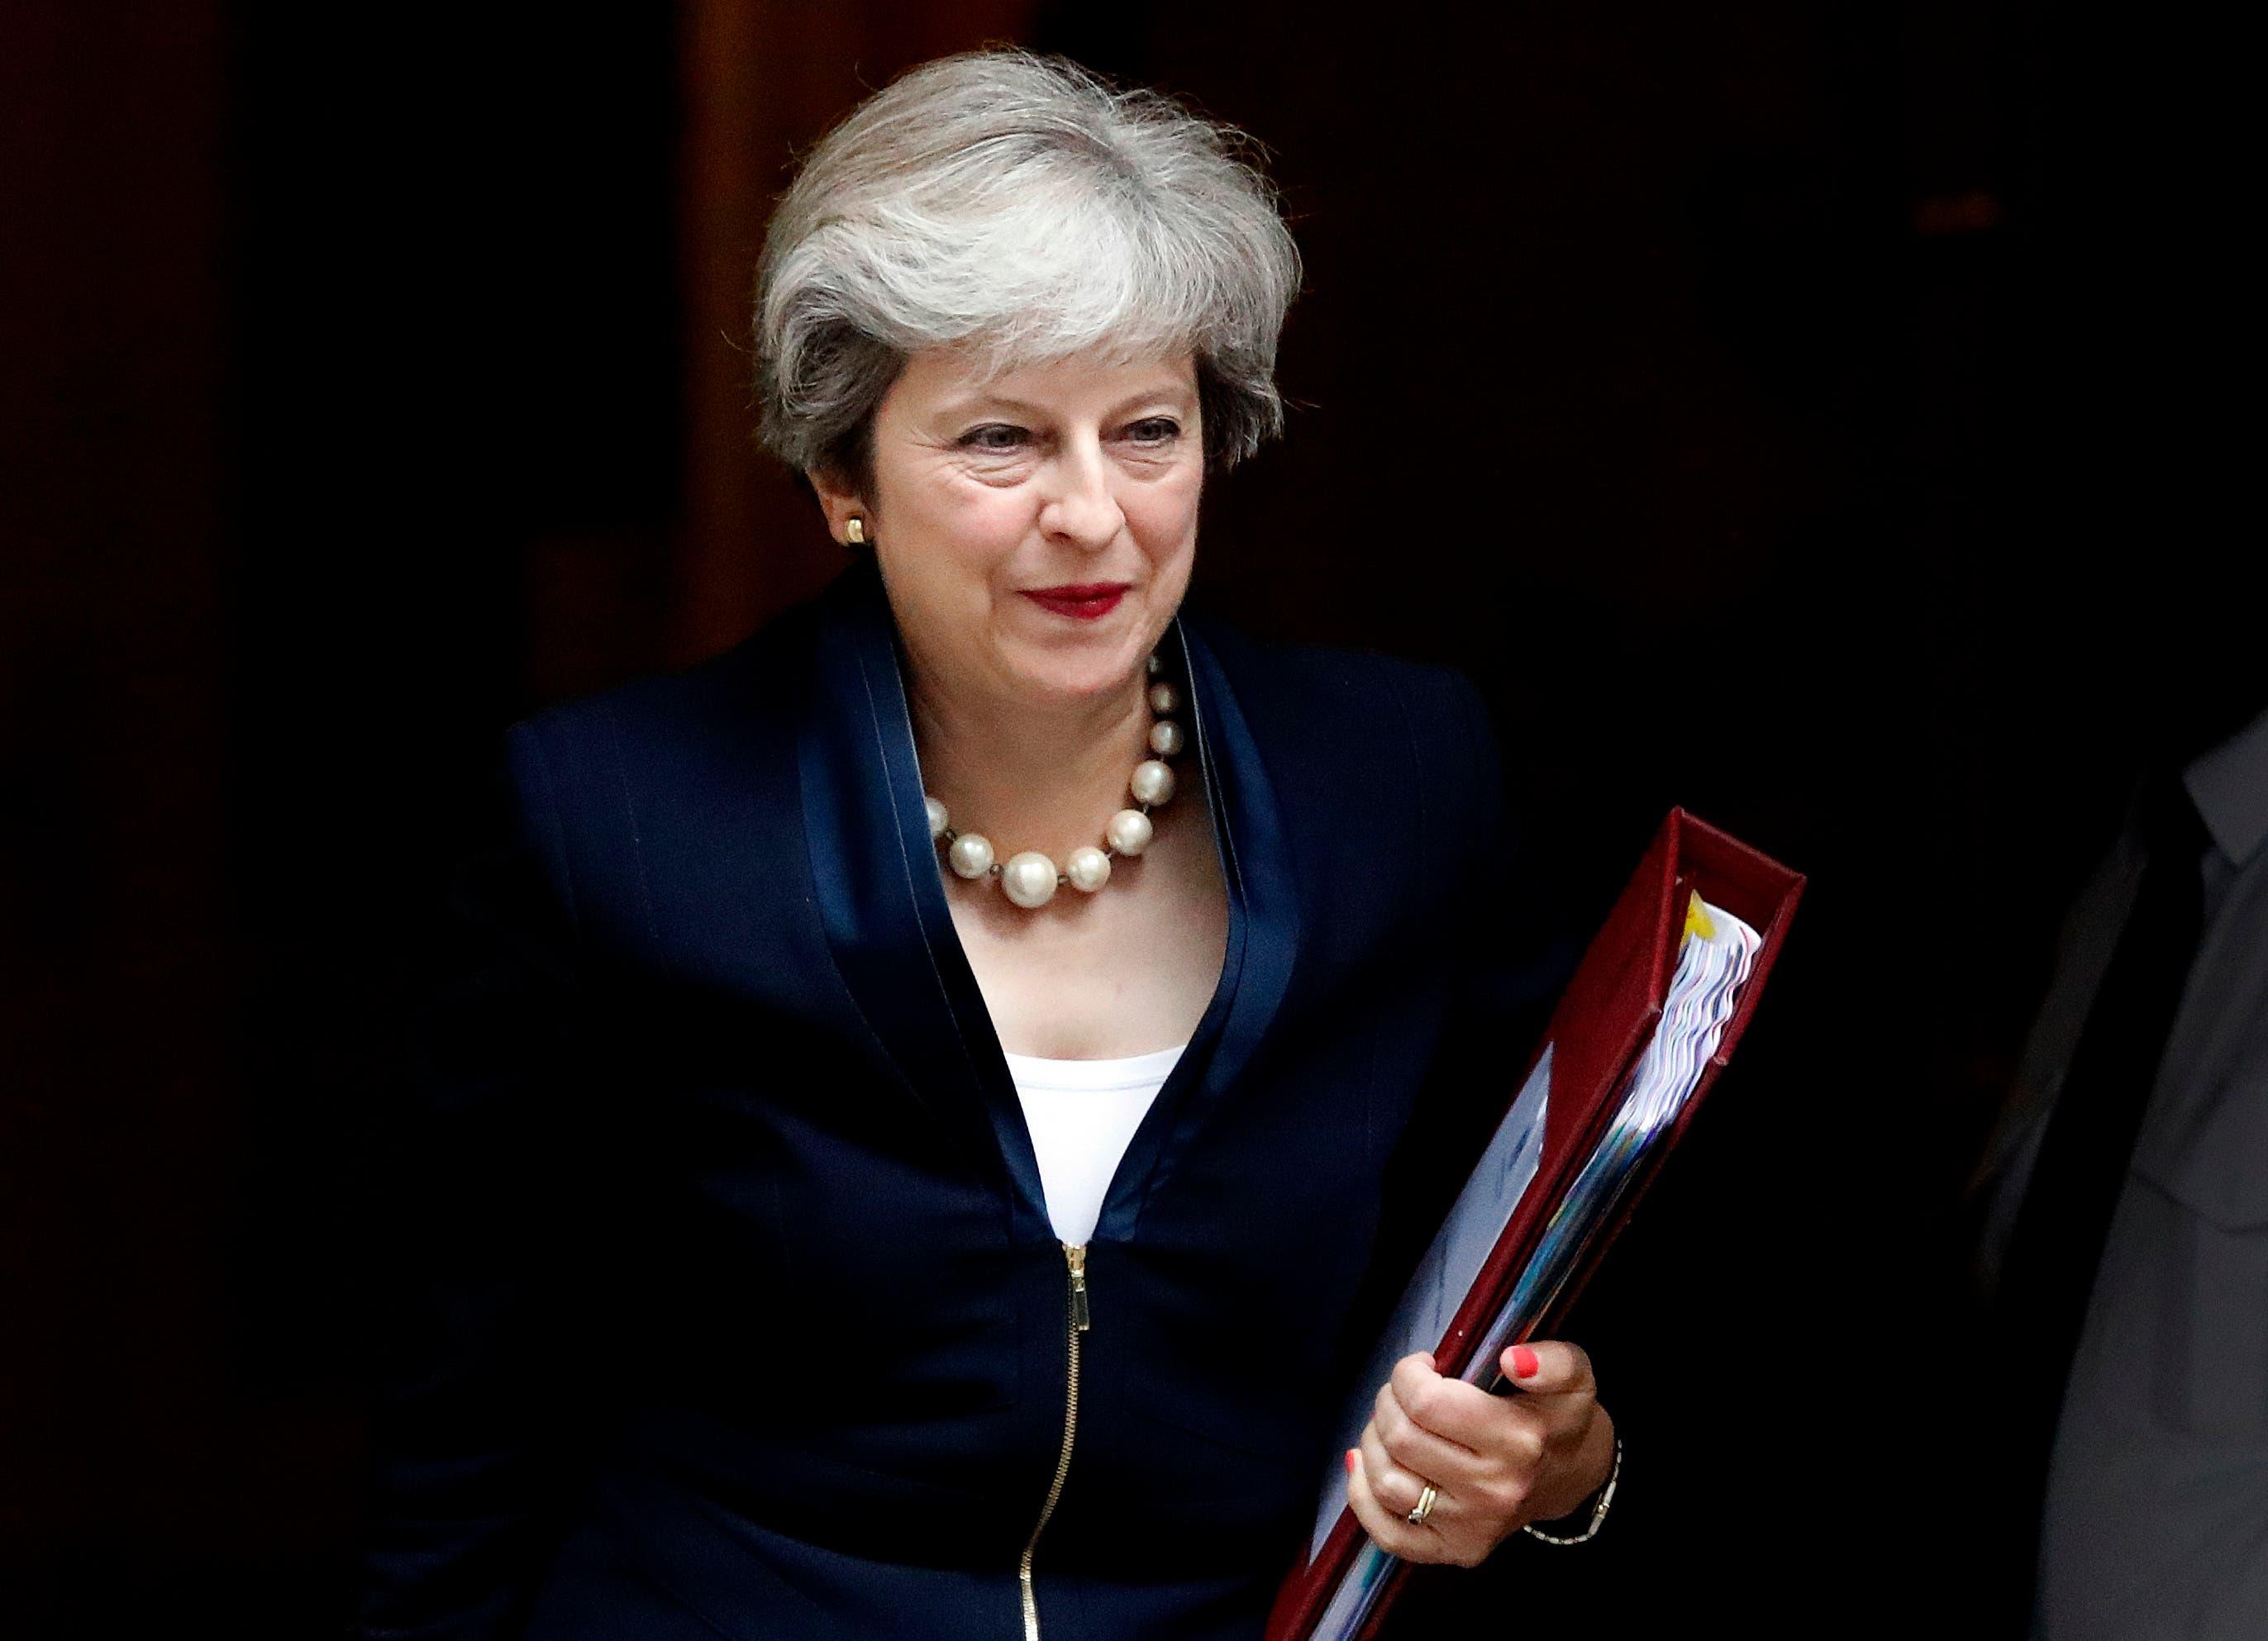 Juni 2016 - Januar 2017: Premierminister Cameron tritt zurück, Theresa May wird seine Nachfolgerin. Sie kündigt einen «harten Brexit» an. Das heisst: Grossbritannien soll den europäischen Binnenmarkt verlassen und kein volles Mitglied der Zollunion mehr sein.